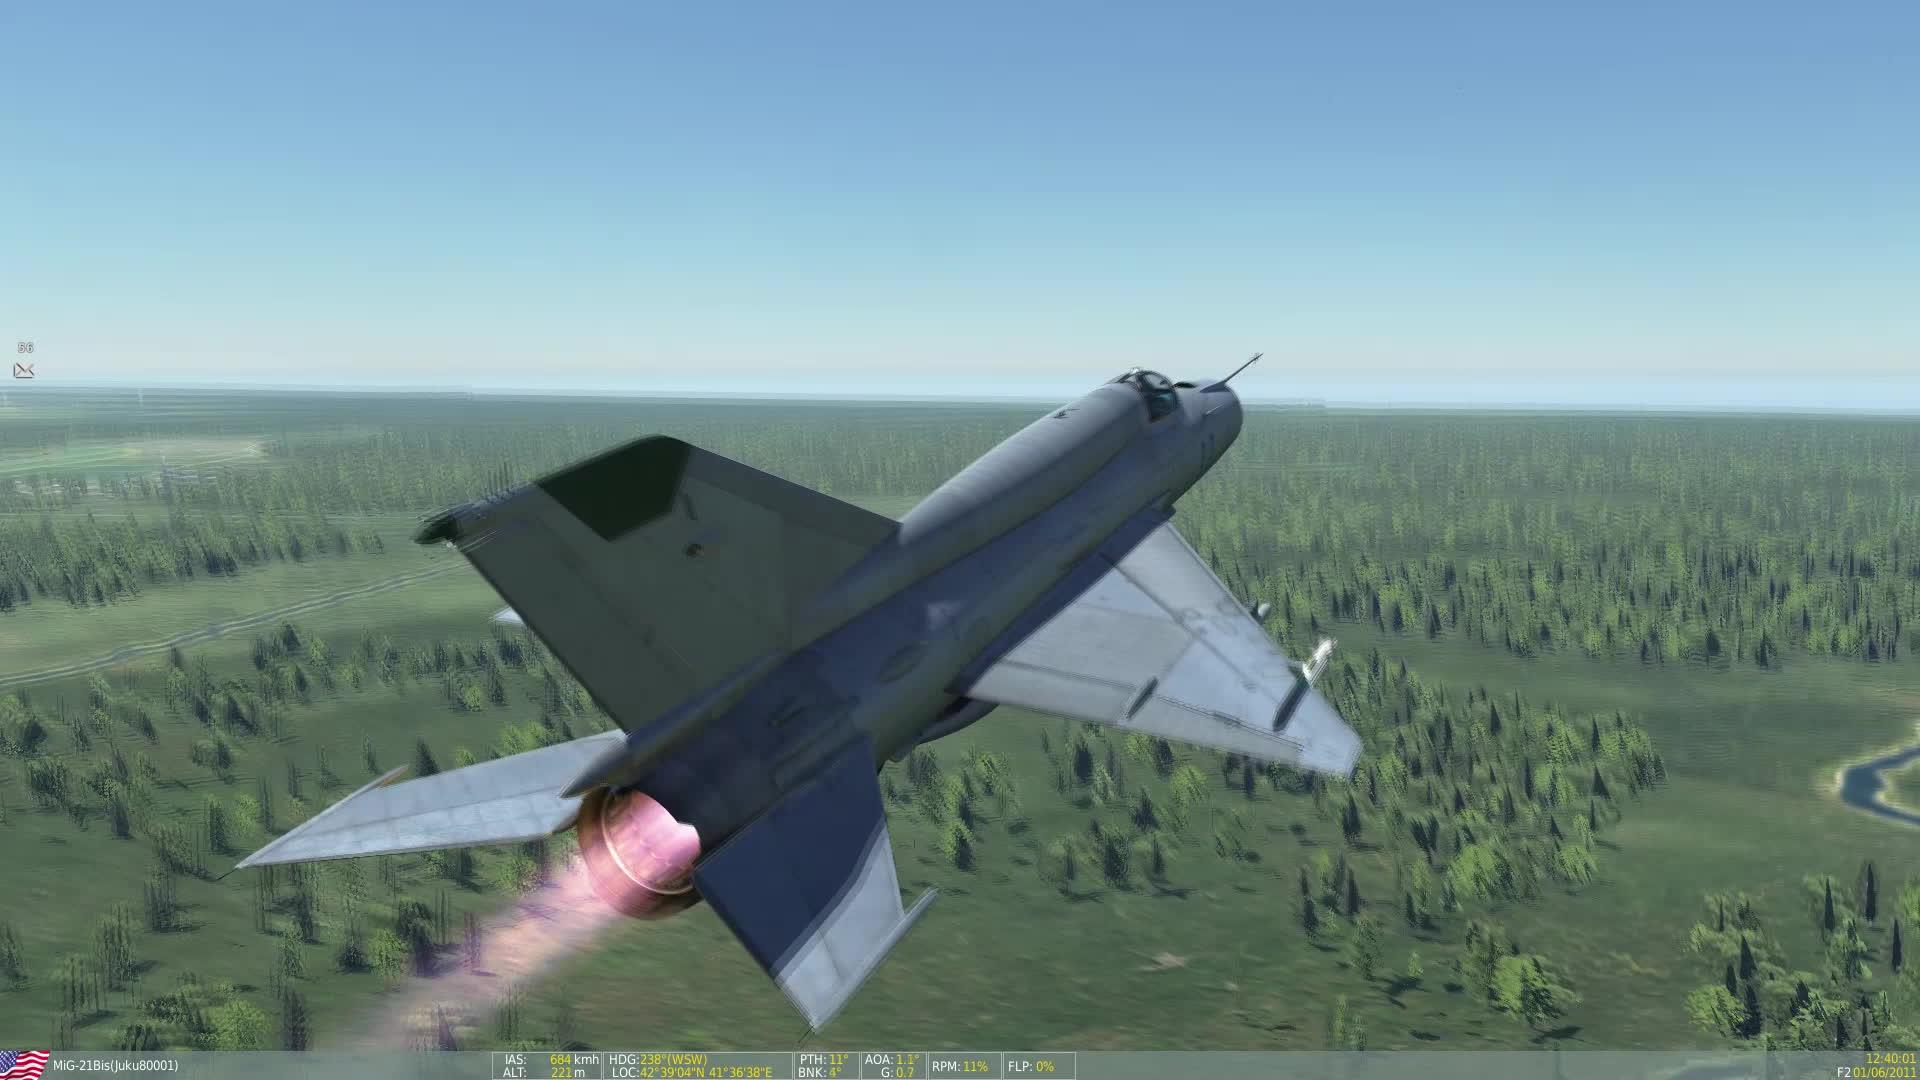 hoggit, BK90 MiG-21 Intercept and destroy GIFs